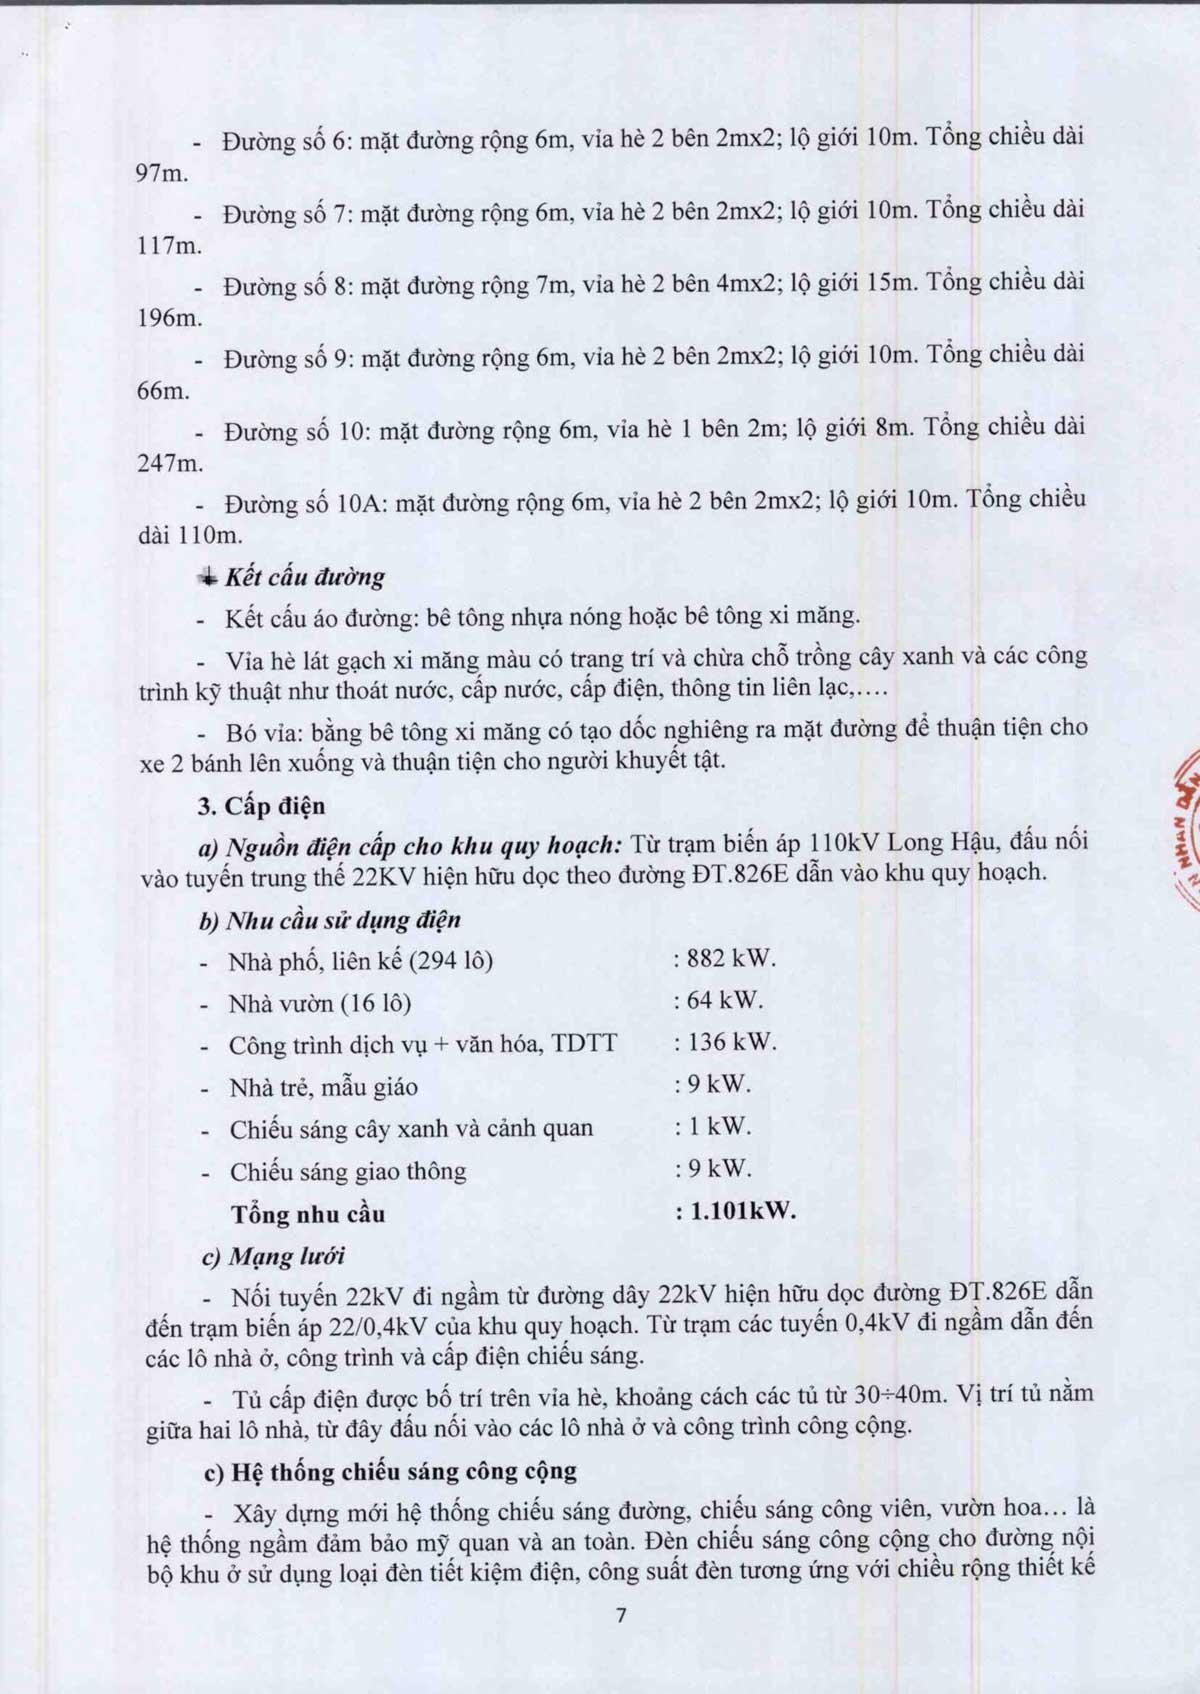 1 phan 500 kdc tm tan thai thinh 7 - Dự án Khu dân cư Thương mại Tân Thái Thịnh